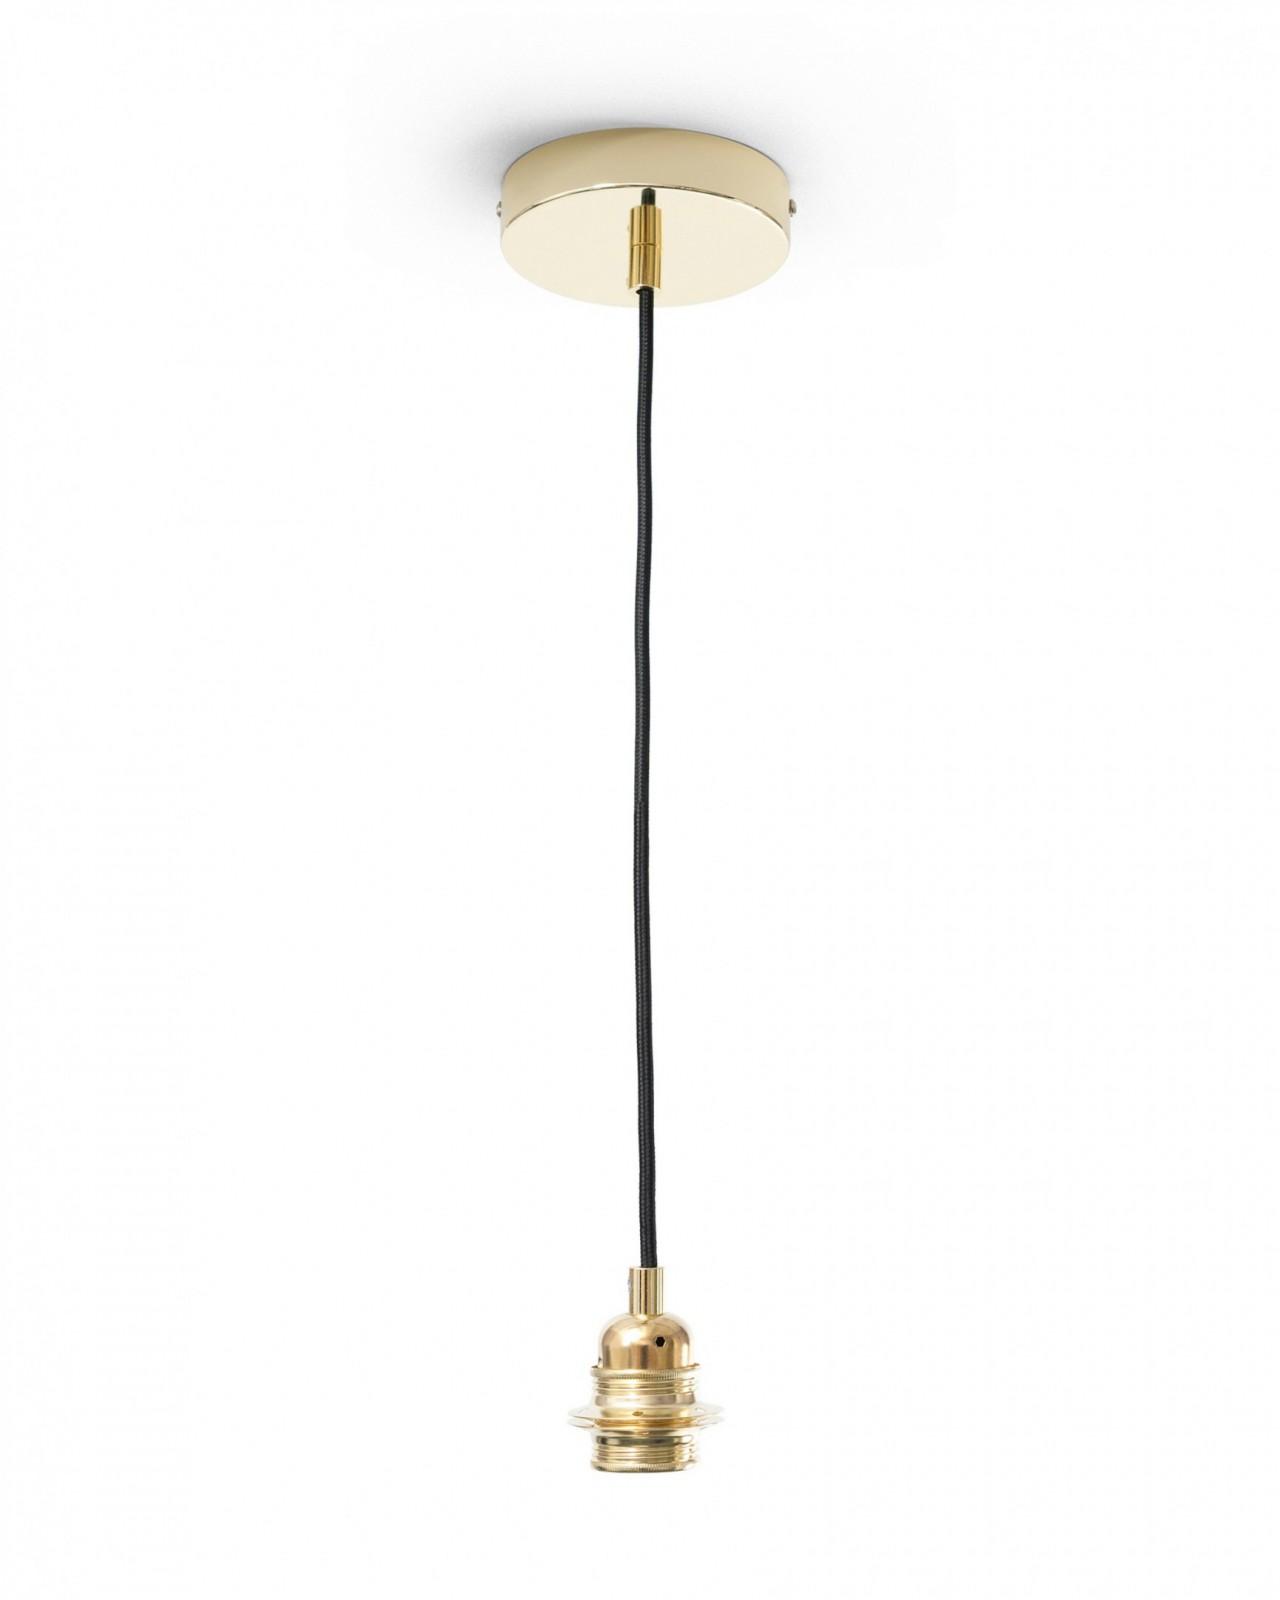 SEAWORTHY Pendant Lamp